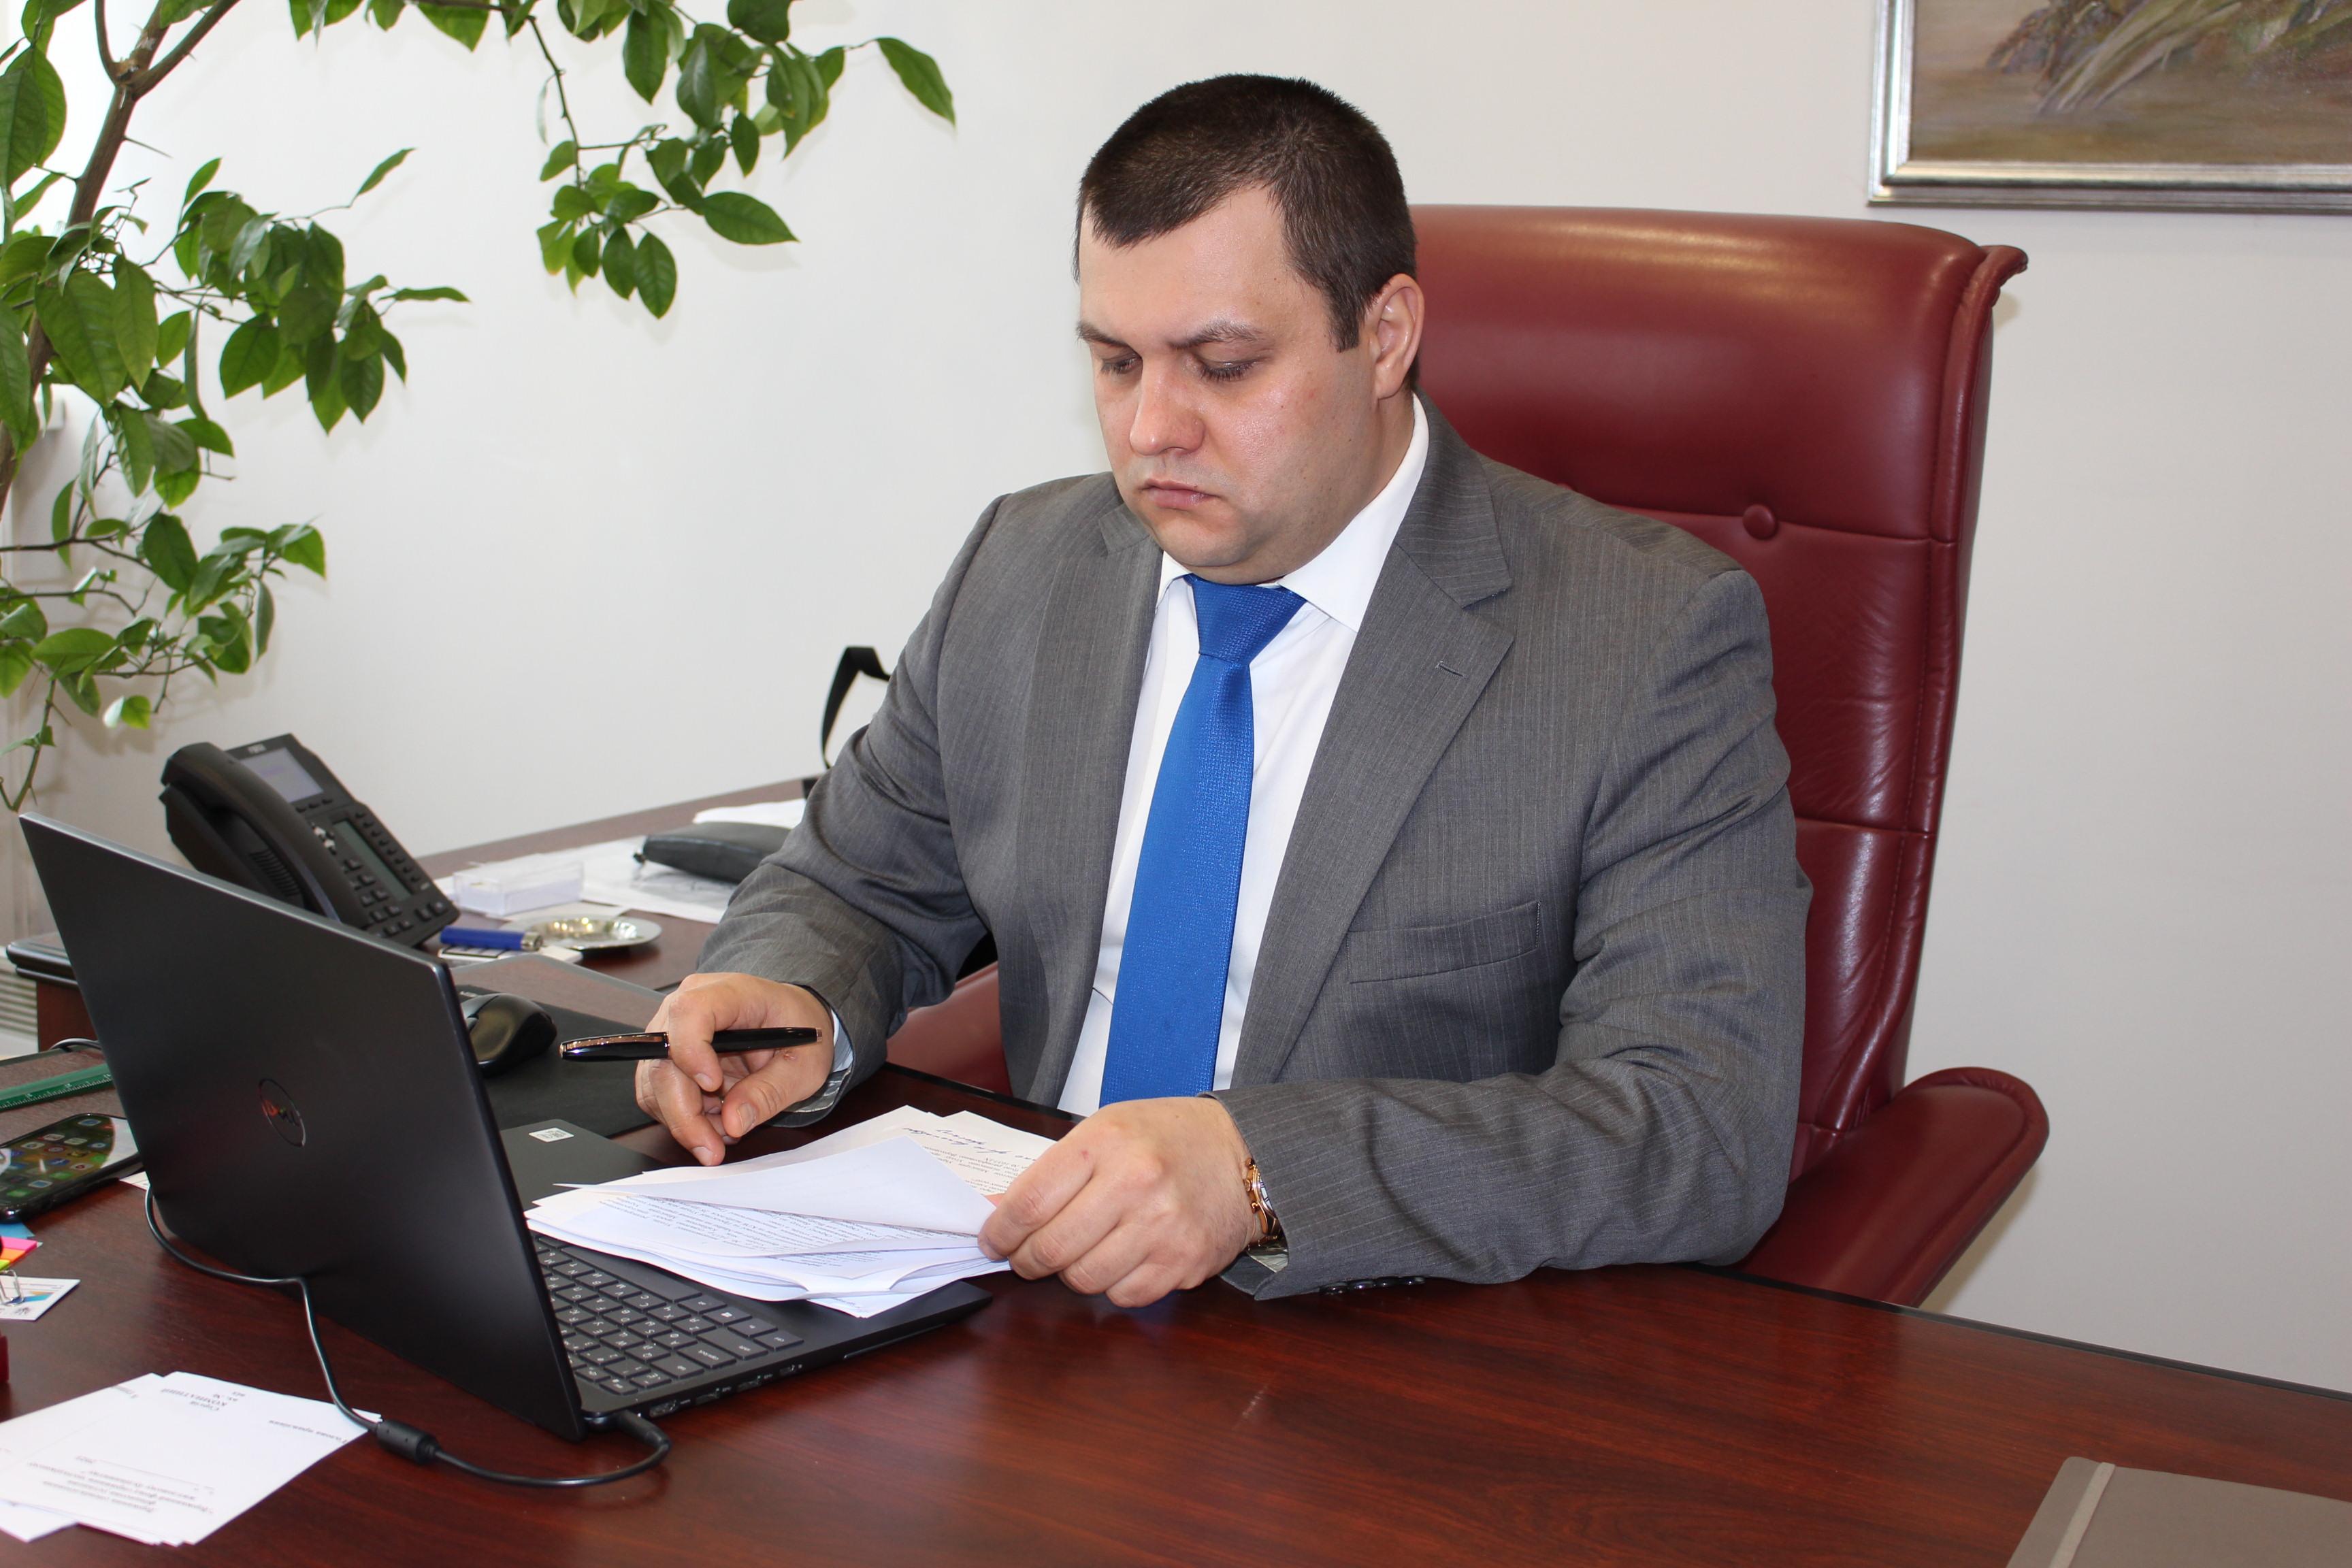 Голова правління Фонду взяв участь у огляді проєктів KfW в Україні